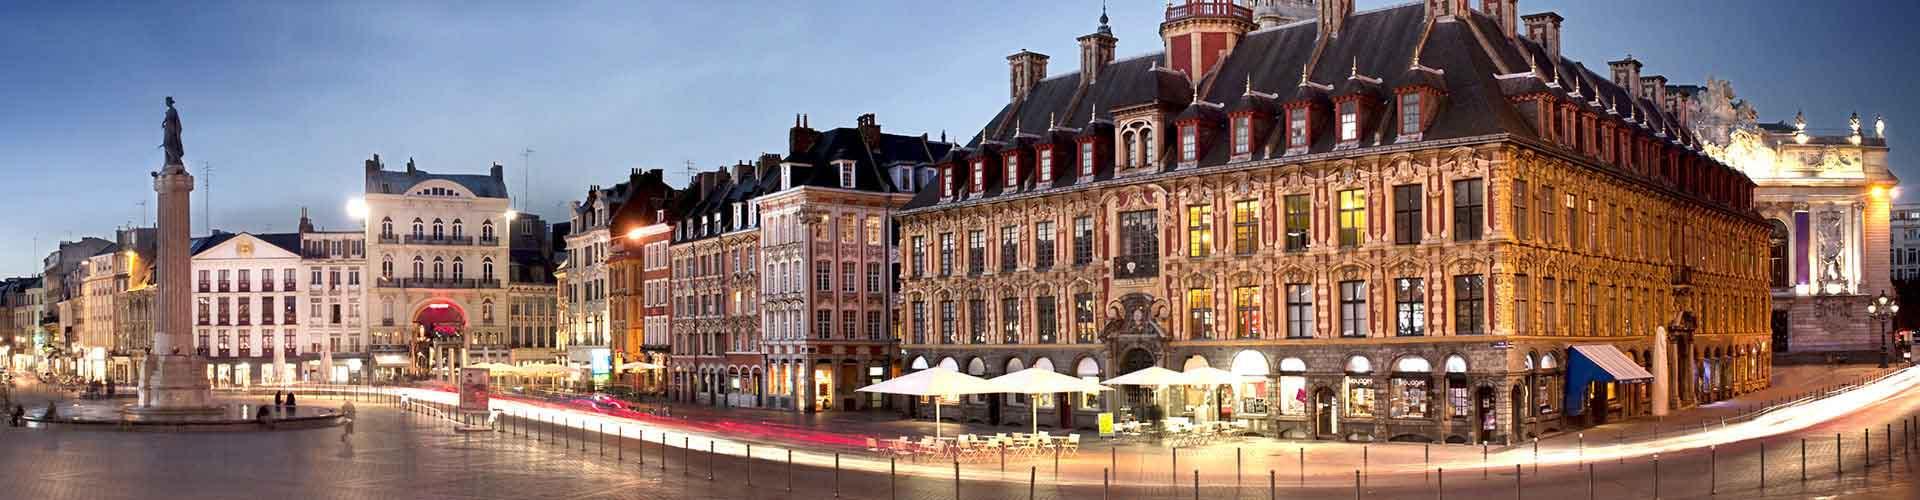 Lille – Camere a Lille. Mappe per Lille, Foto e  Recensioni per ogni Camera a Lille.